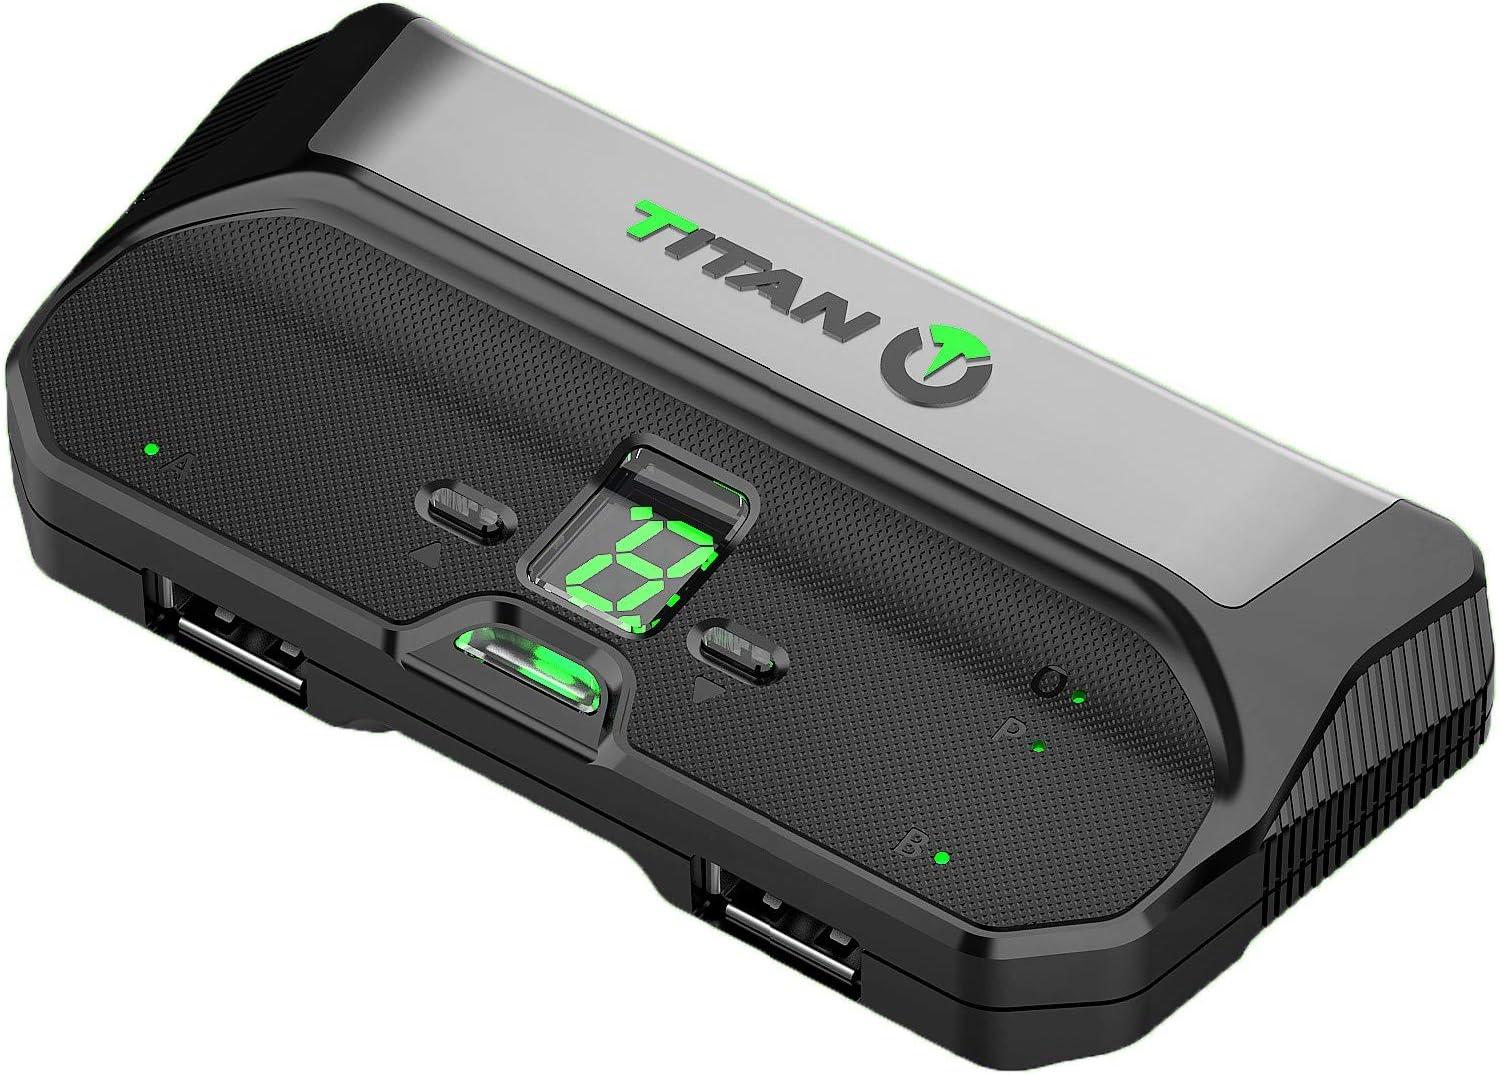 Titan Two Device [Scripts programables, macros, modificaciones, reasignación, teclado, mouse] Adaptador y convertidor avanzado de juegos cruzados avanzados para PlayStation 4 PS3 Xbox One 360